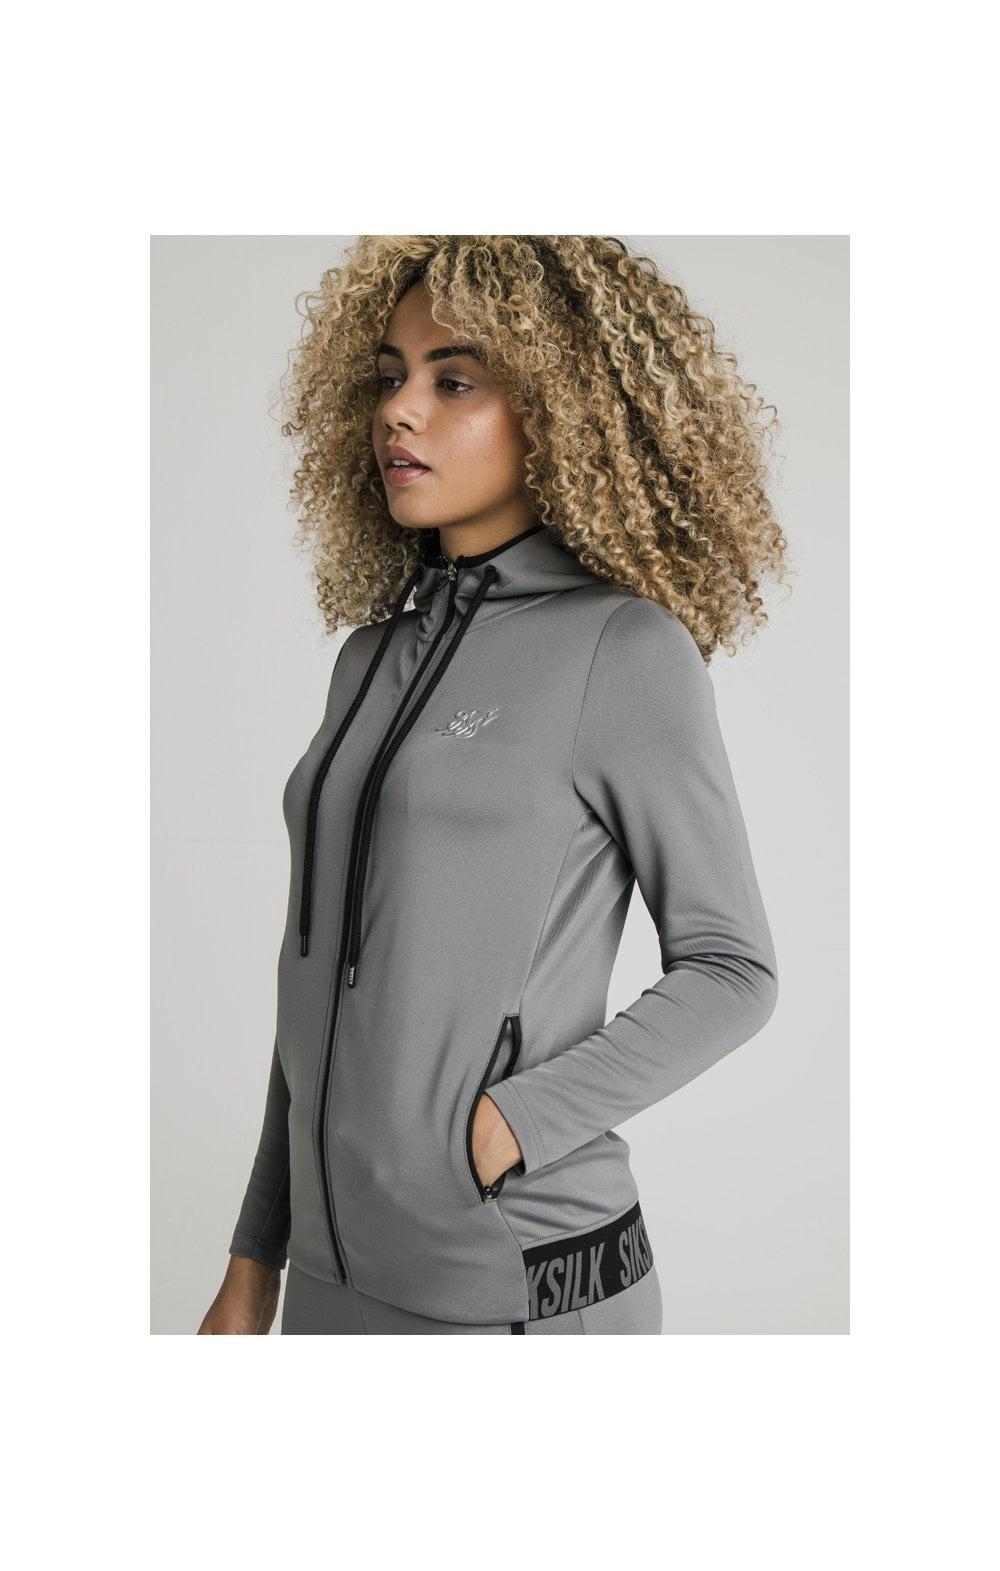 SikSilk Gym Track Jacket - Grey WOMEN SIZES: 8-XS